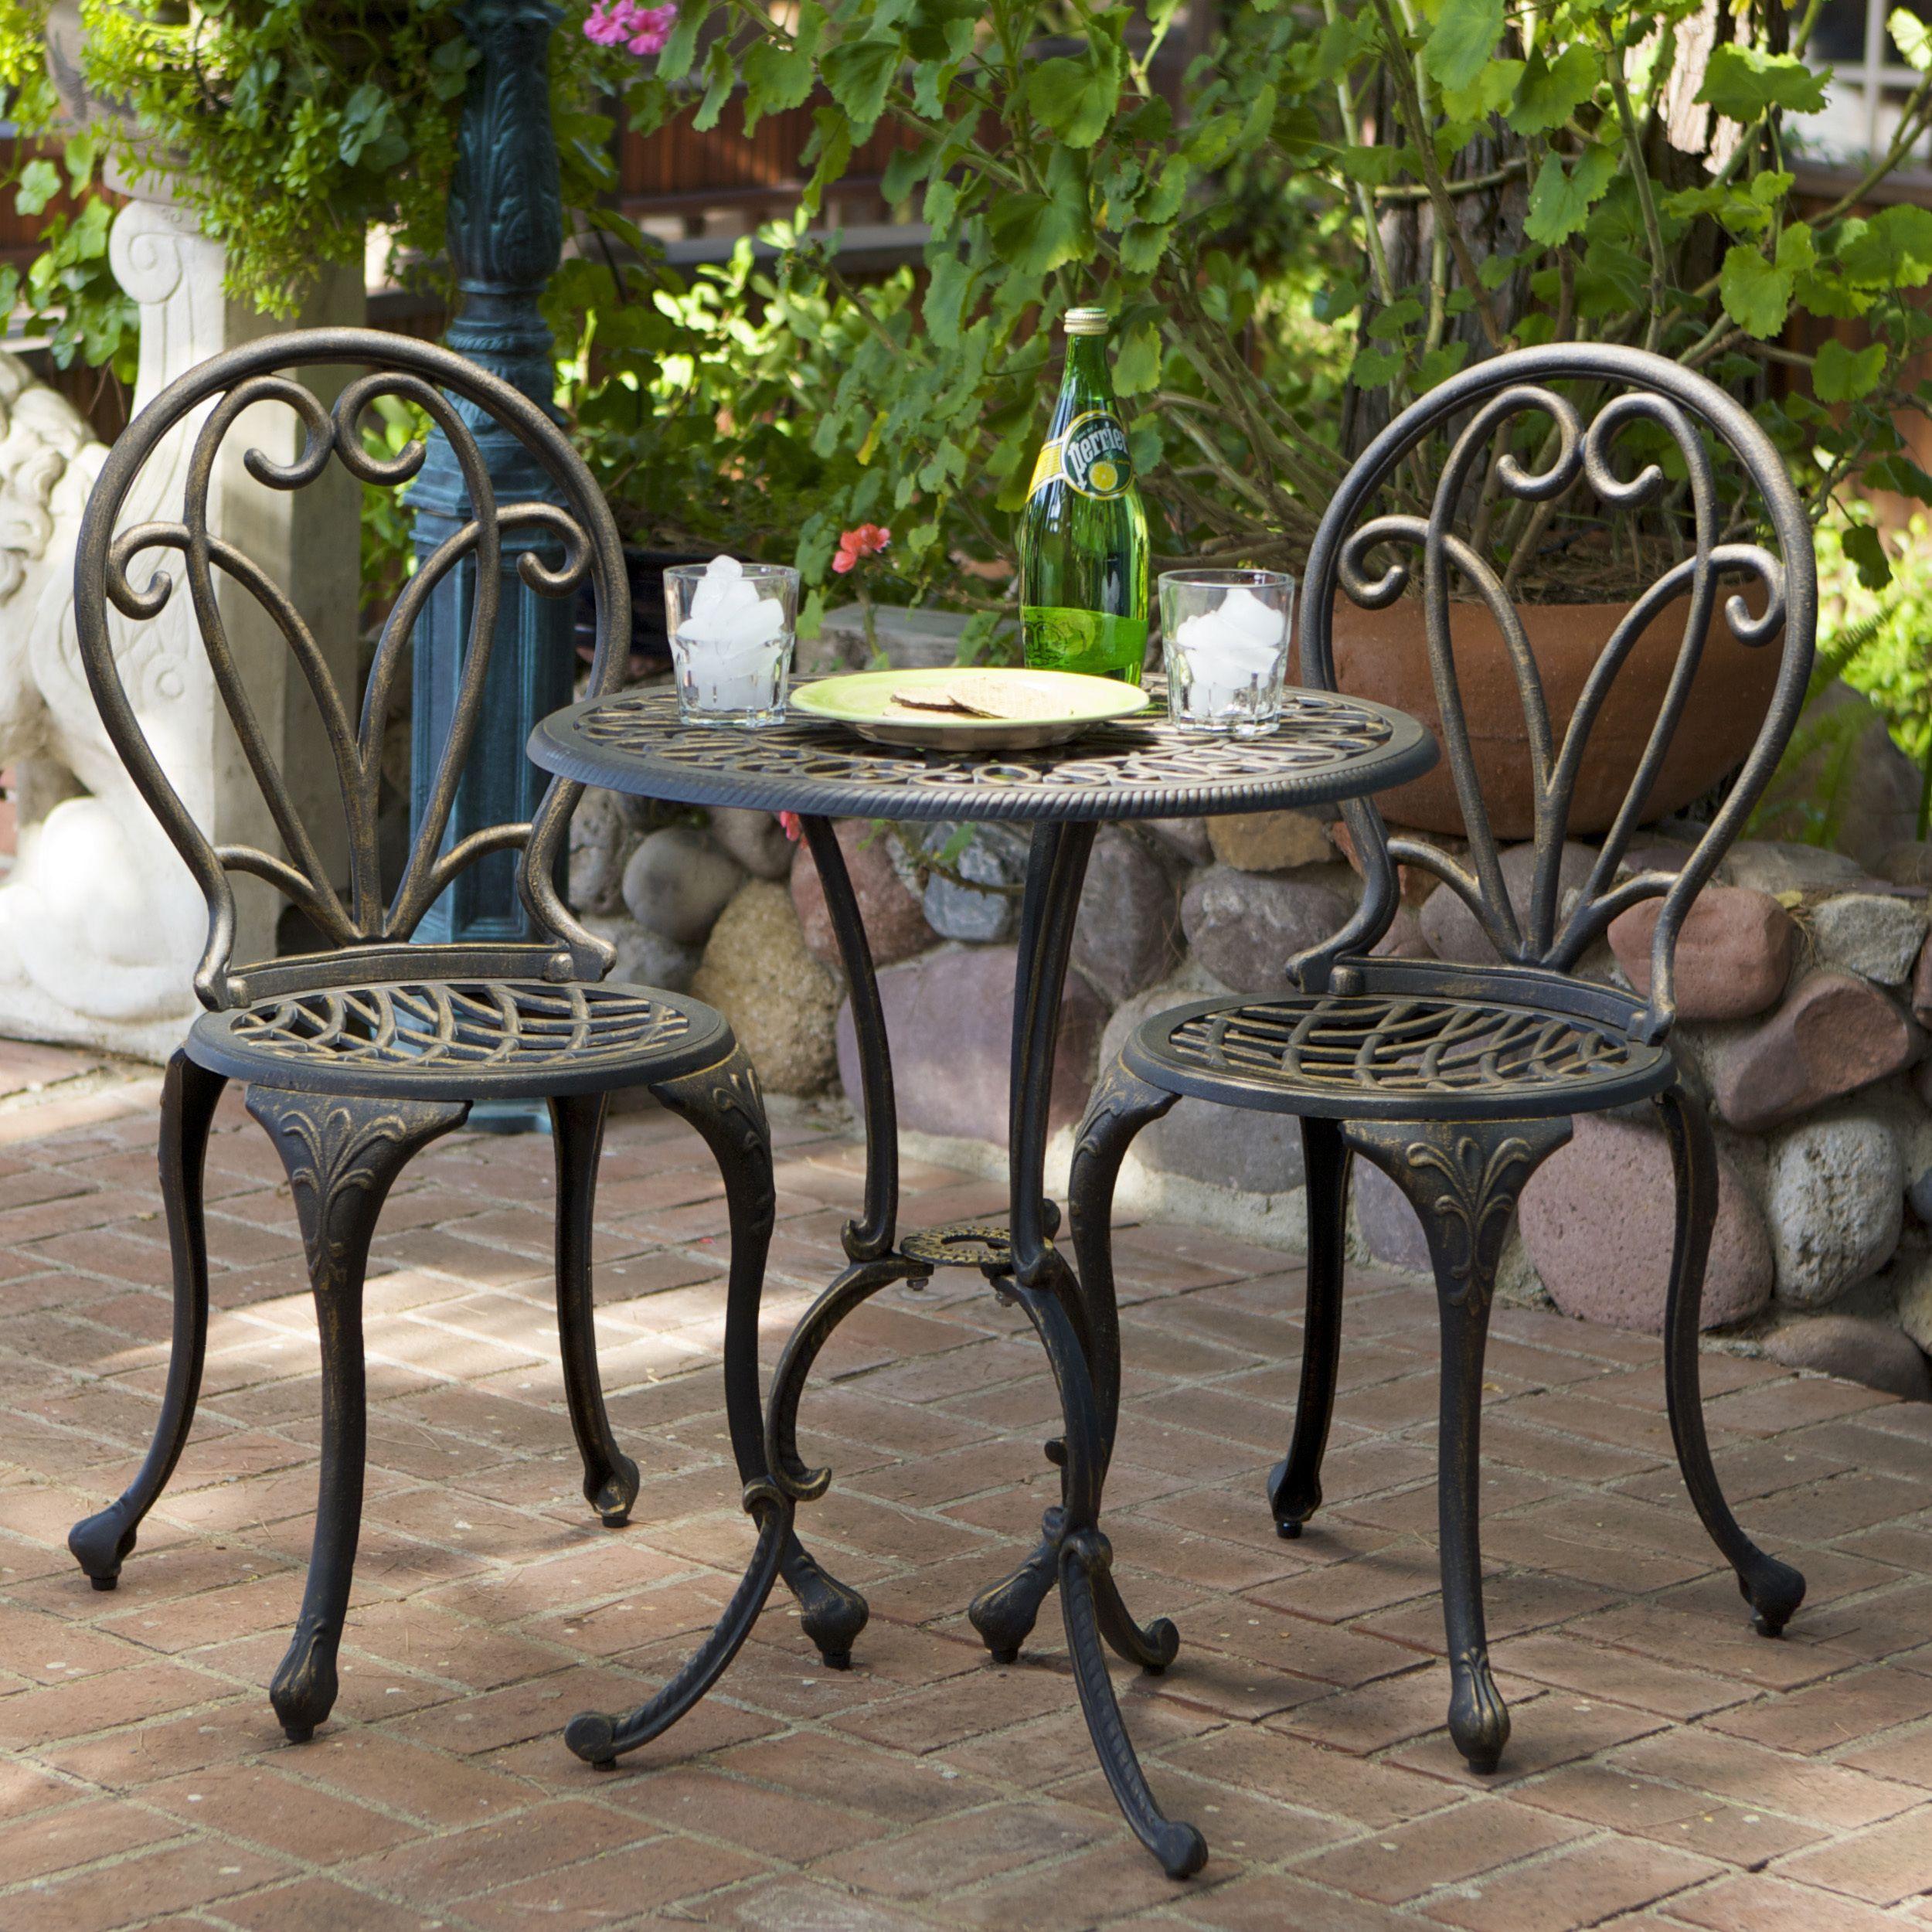 Кованые столы: фото, виды, формы, дизайн, разновидности столешниц